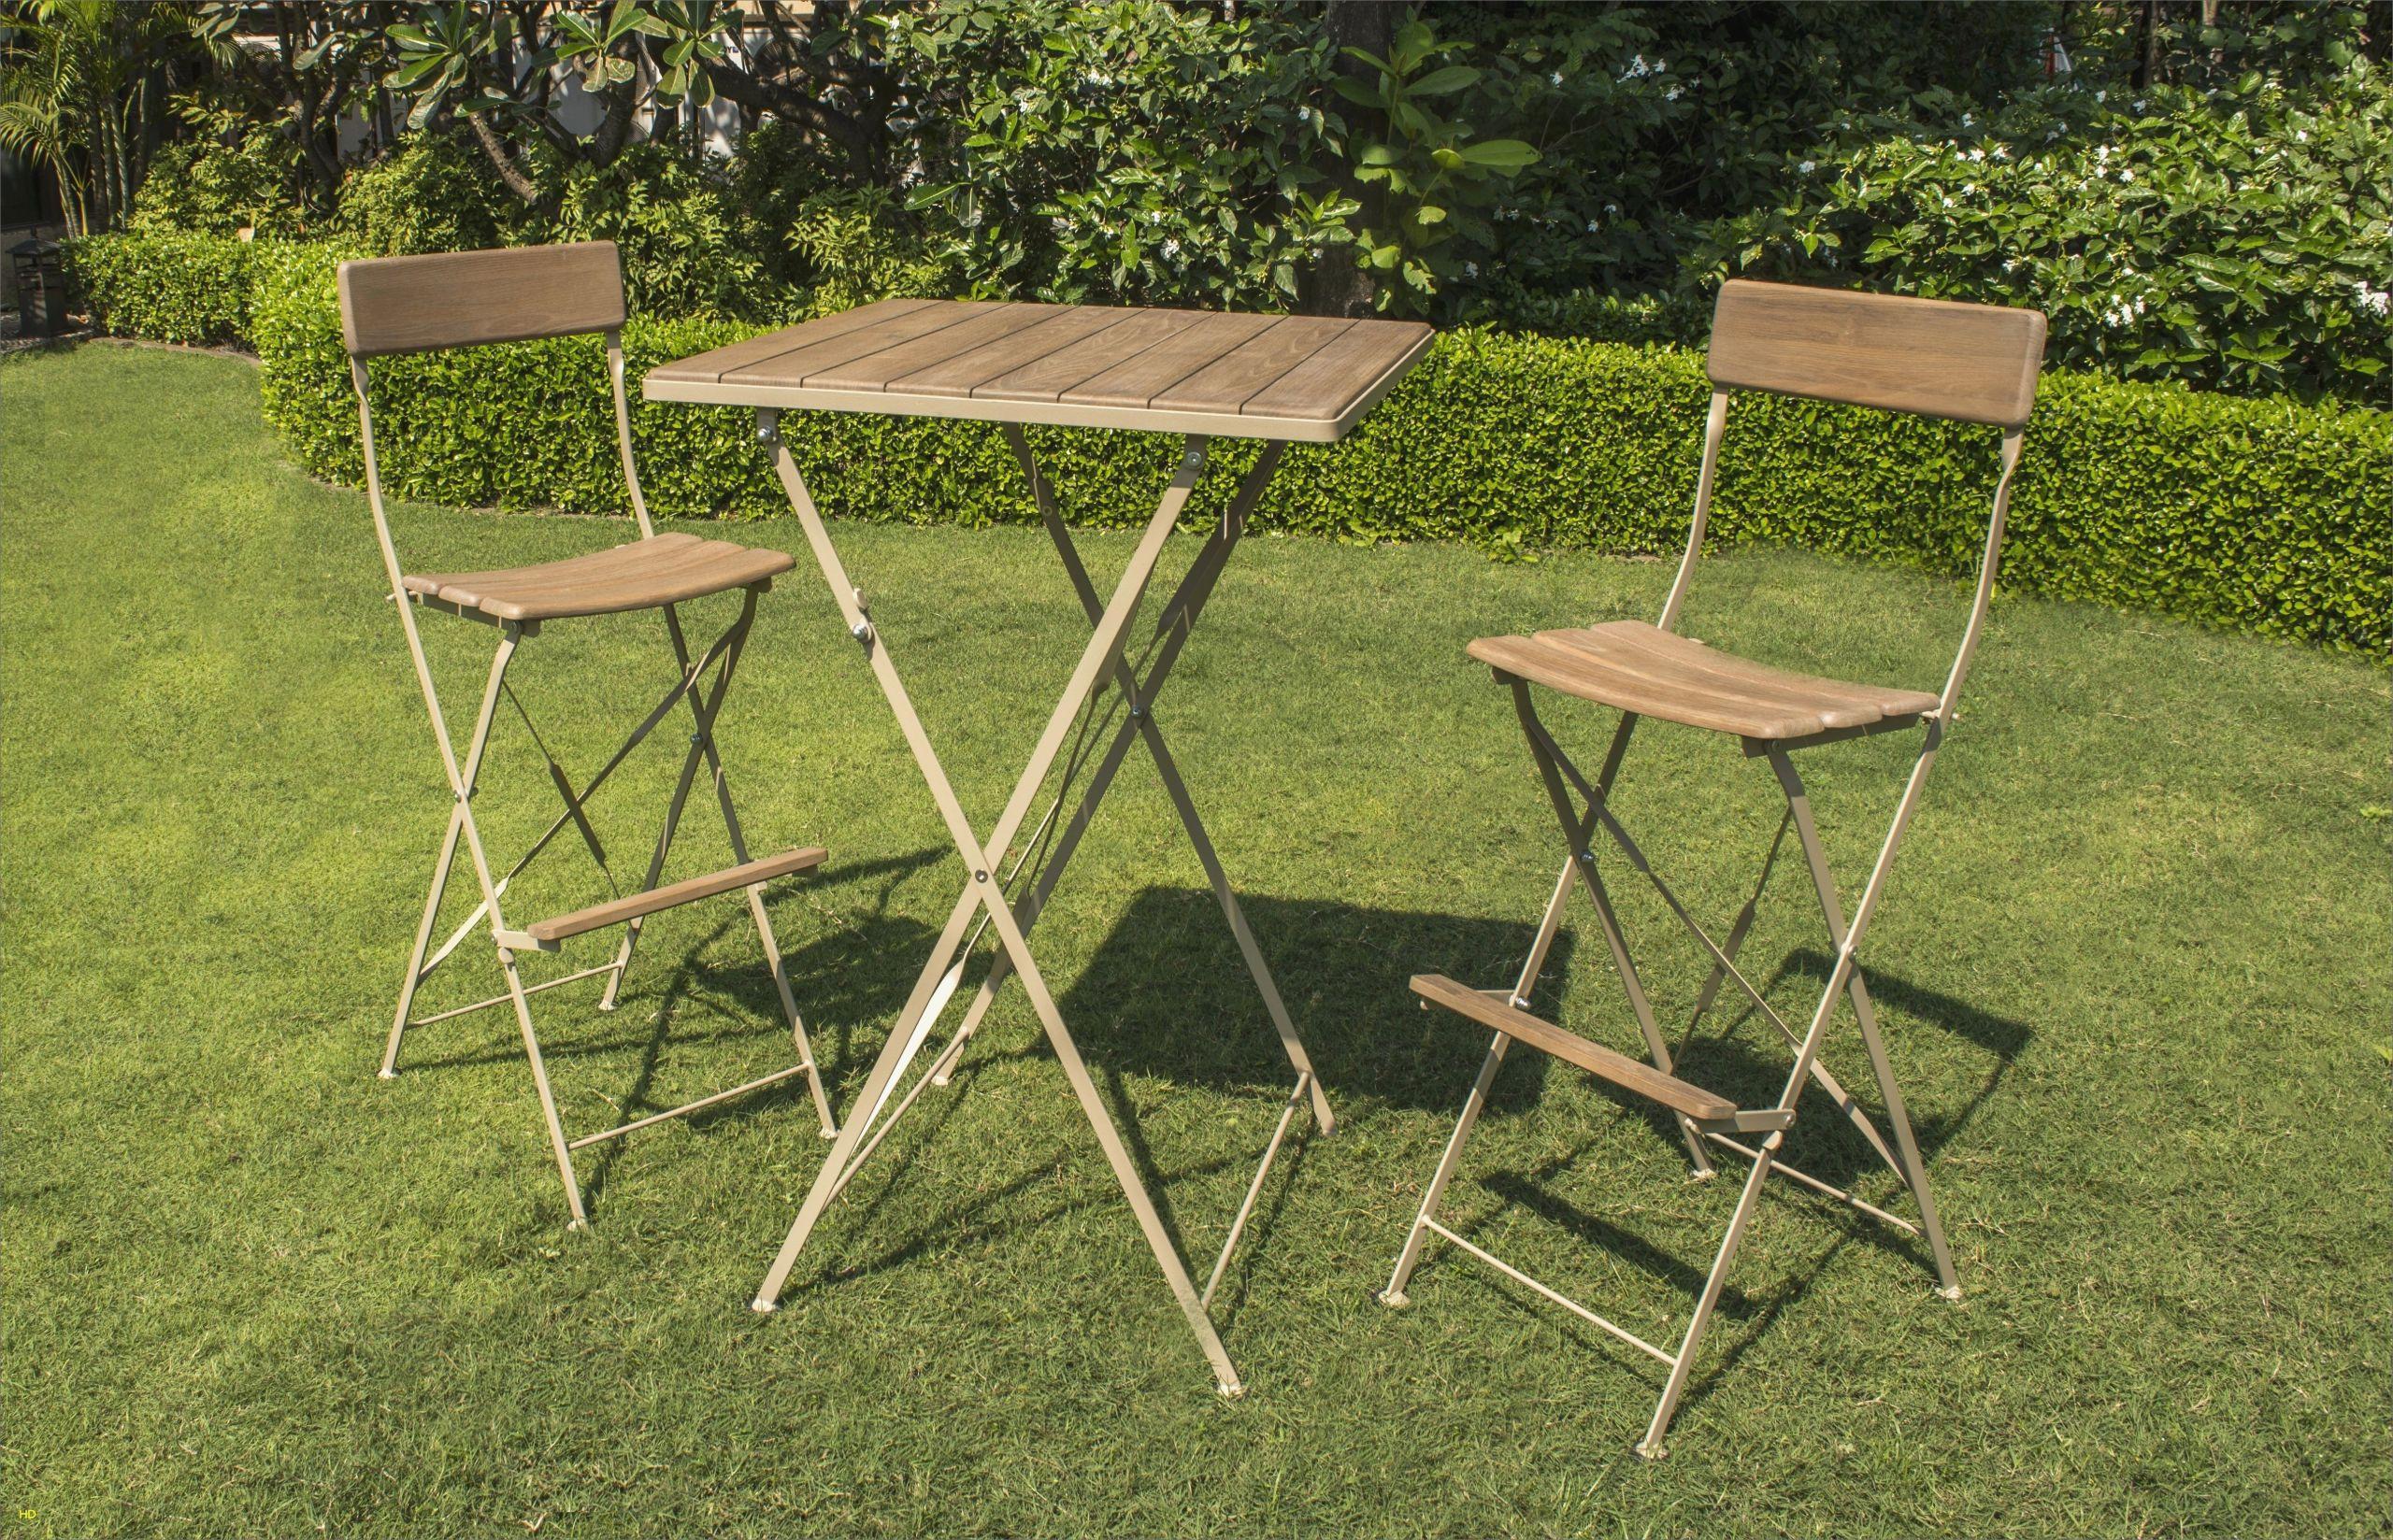 24 Charmant Table Et Banc De Jardin | Salon Jardin dedans Banc De Jardin Leroy Merlin